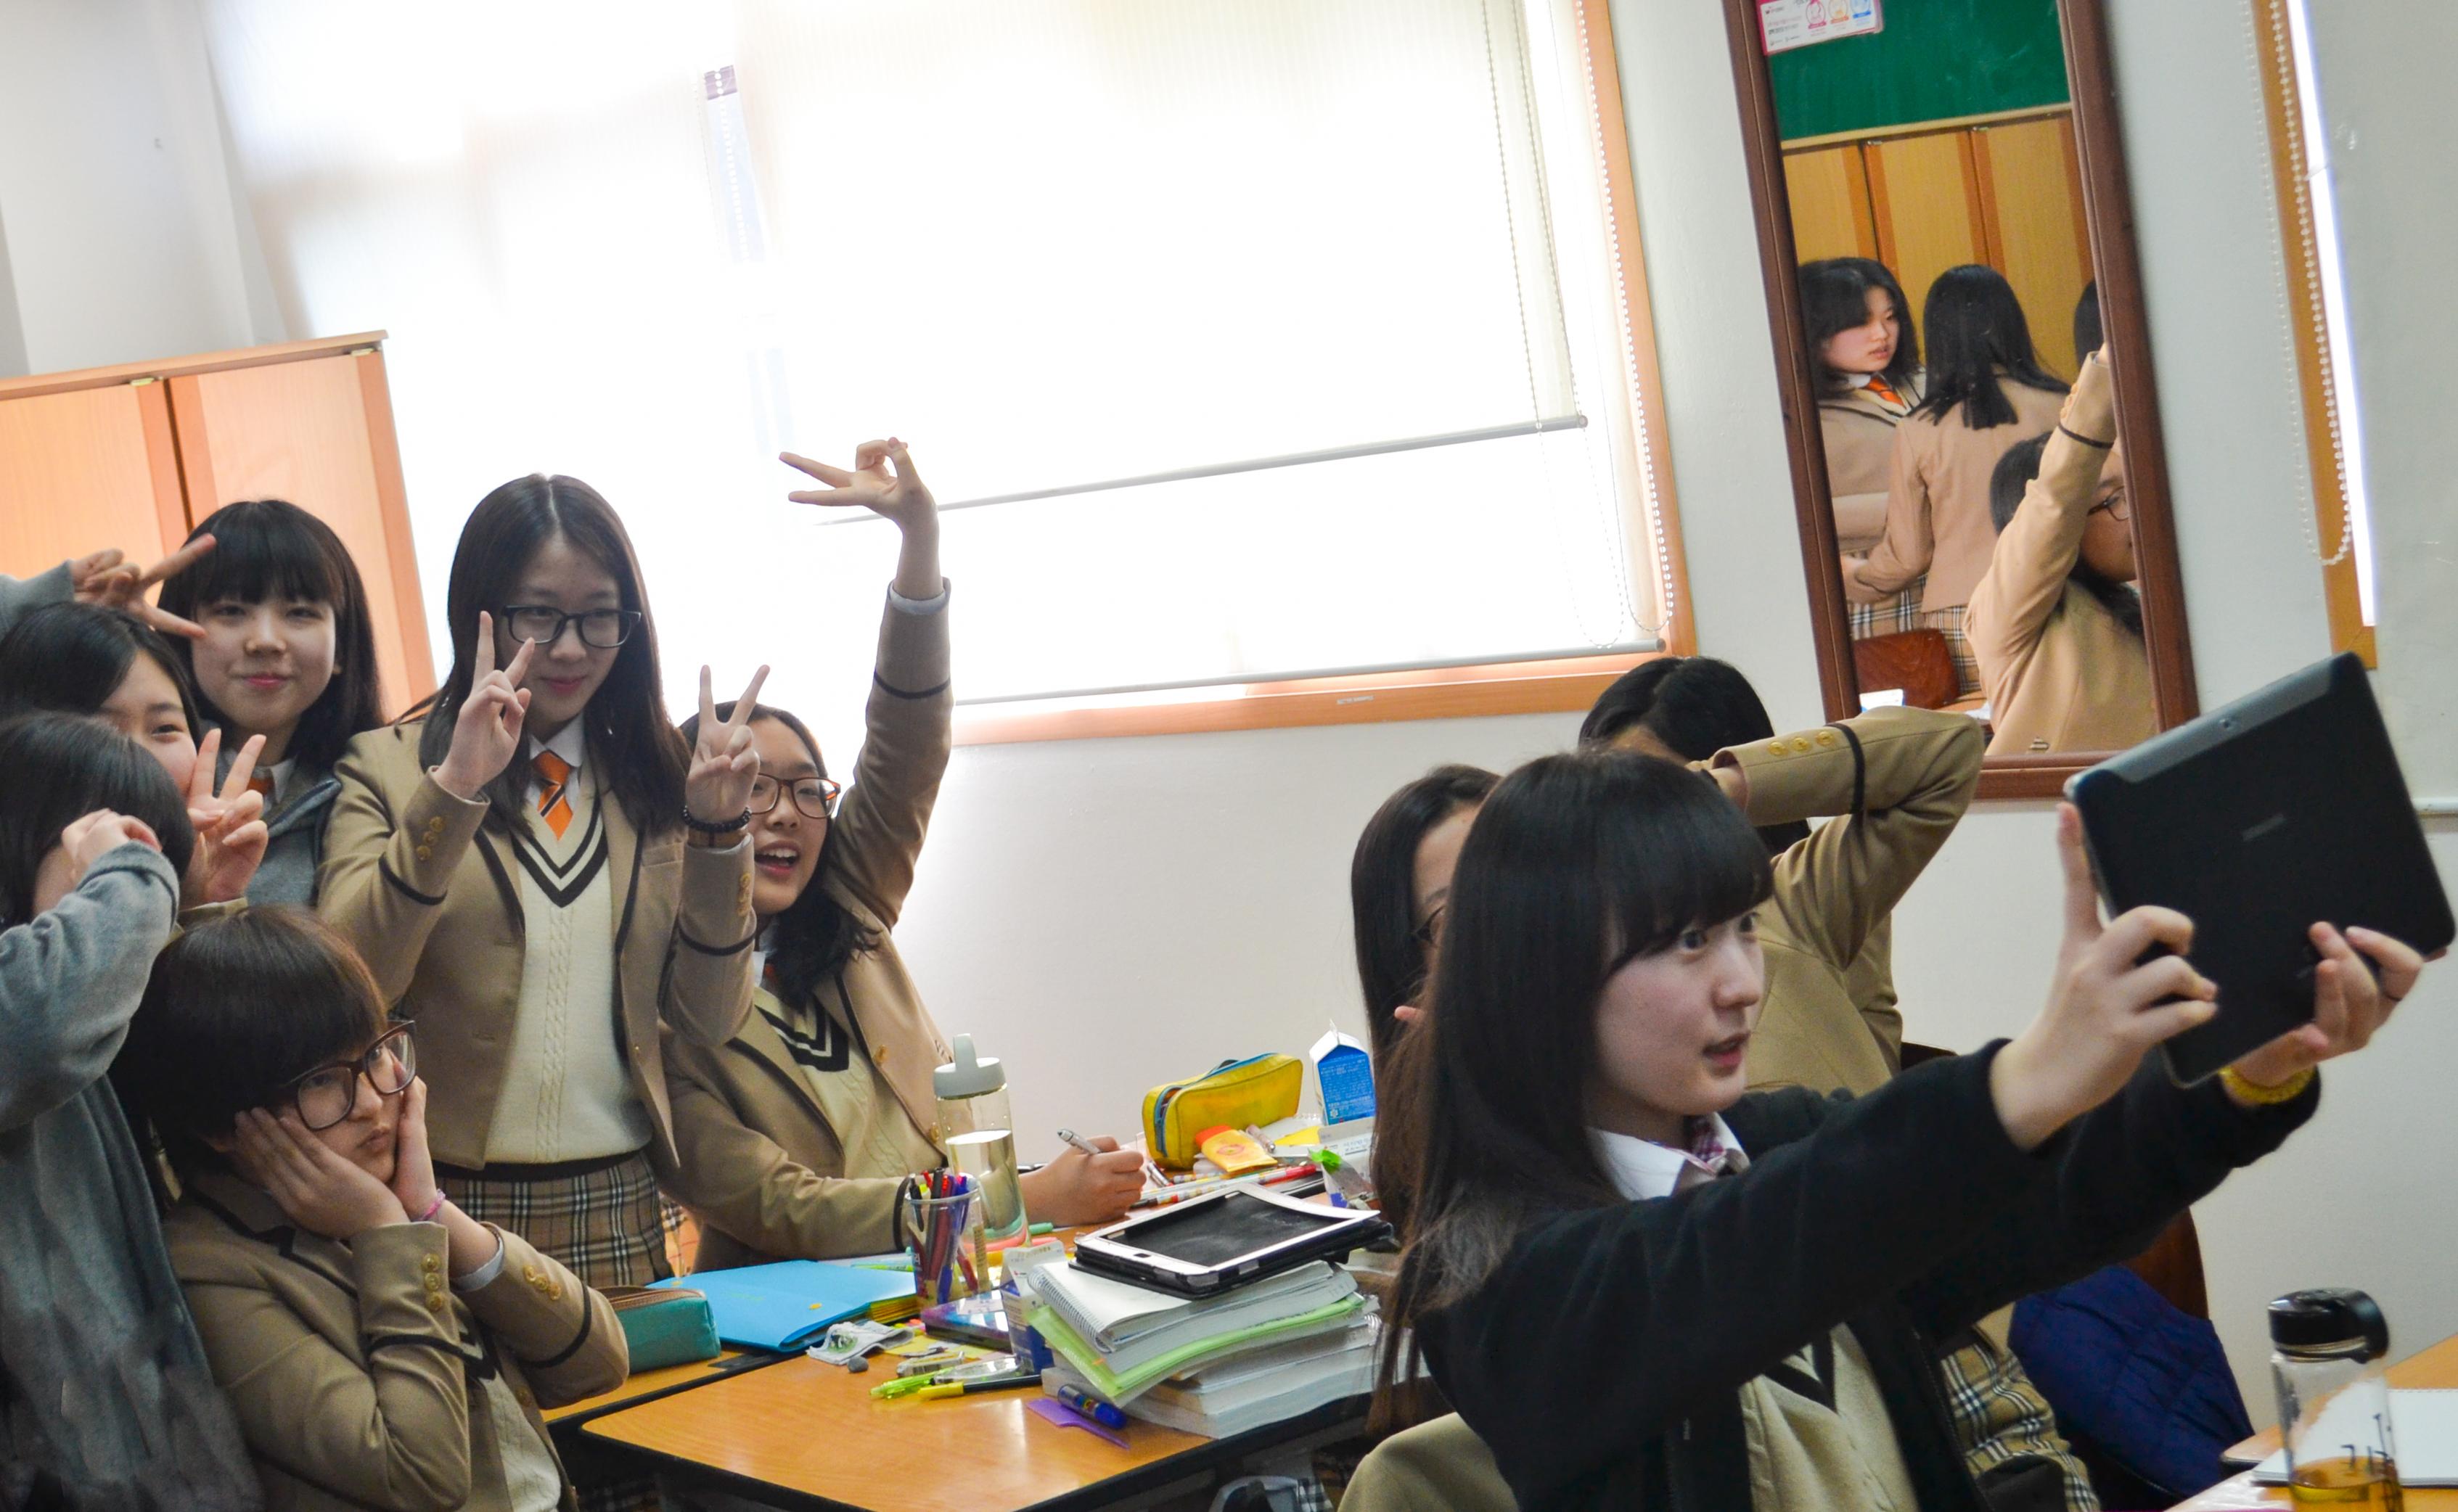 016_Class selfie